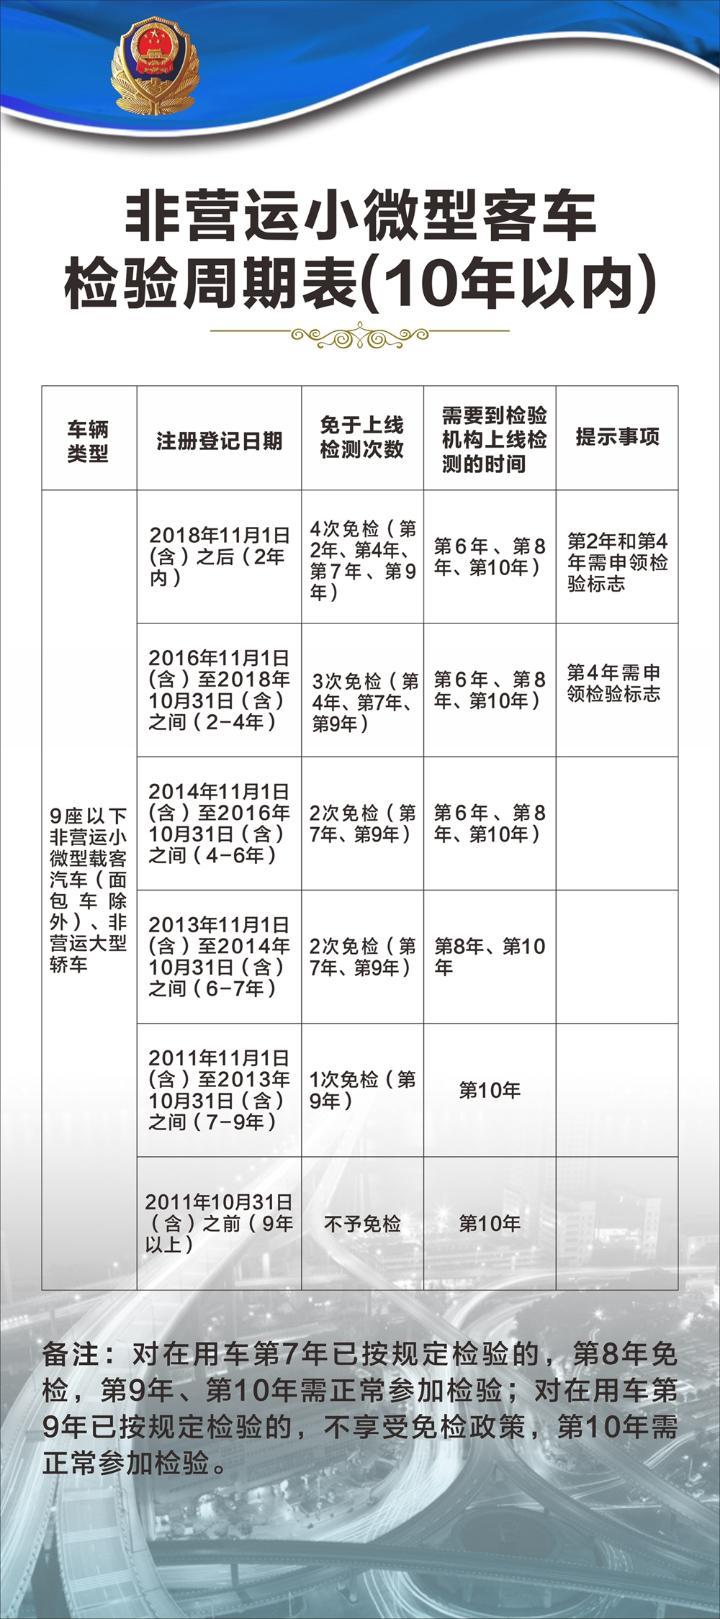 摩托车驾照全国通考等12项公安交管新措施在重庆实施